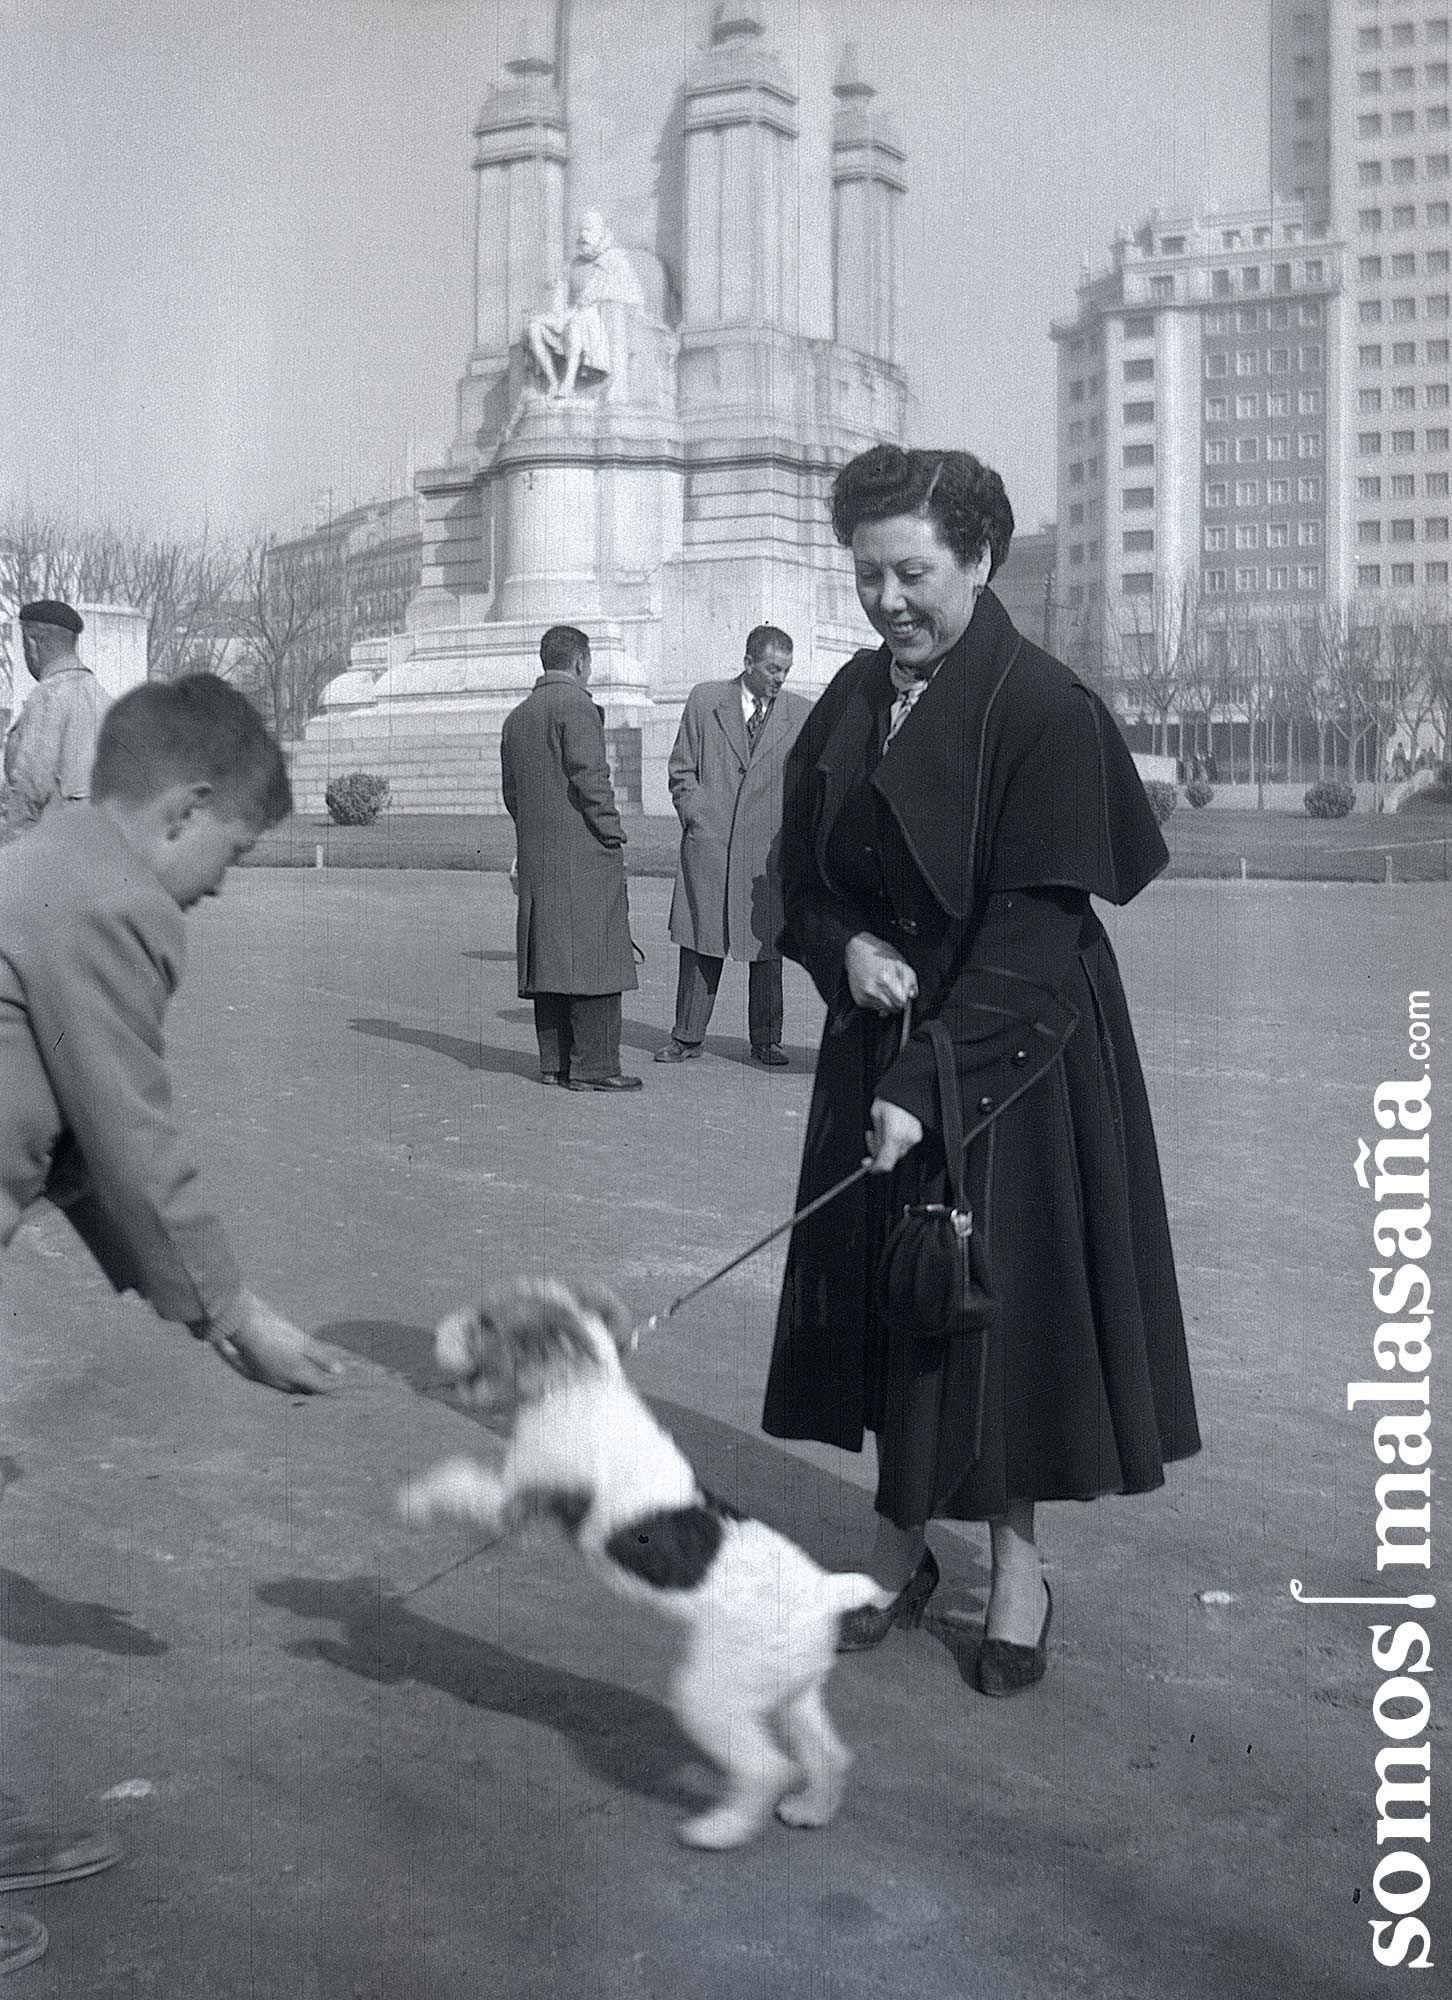 Un niño saluda a un perro en una antigua Plaza de España | TIENES UN TESORO